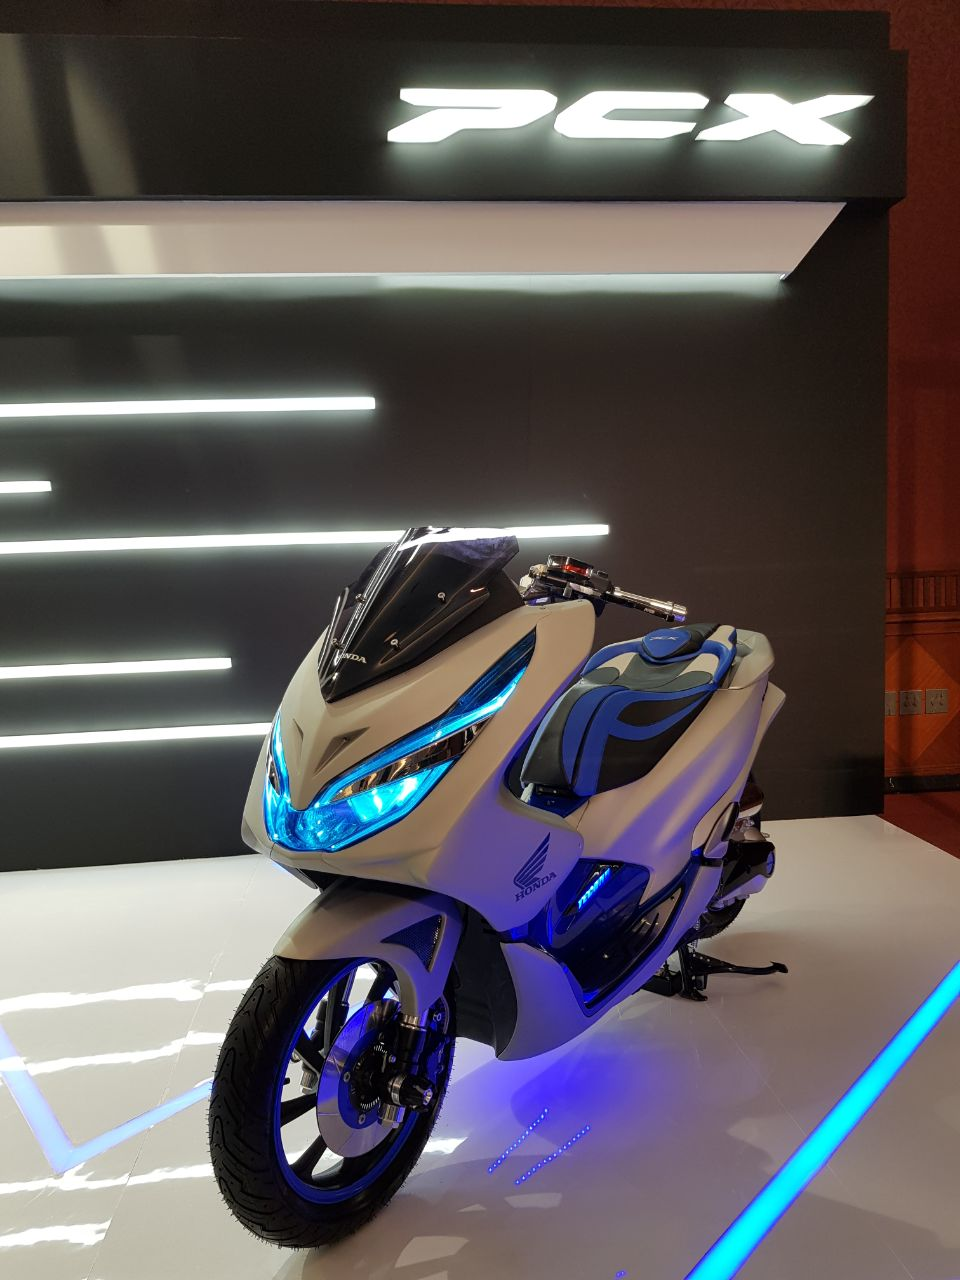 Ragam Modifikasi Honda PCX 150 Indonesia tahun 2018 (4)